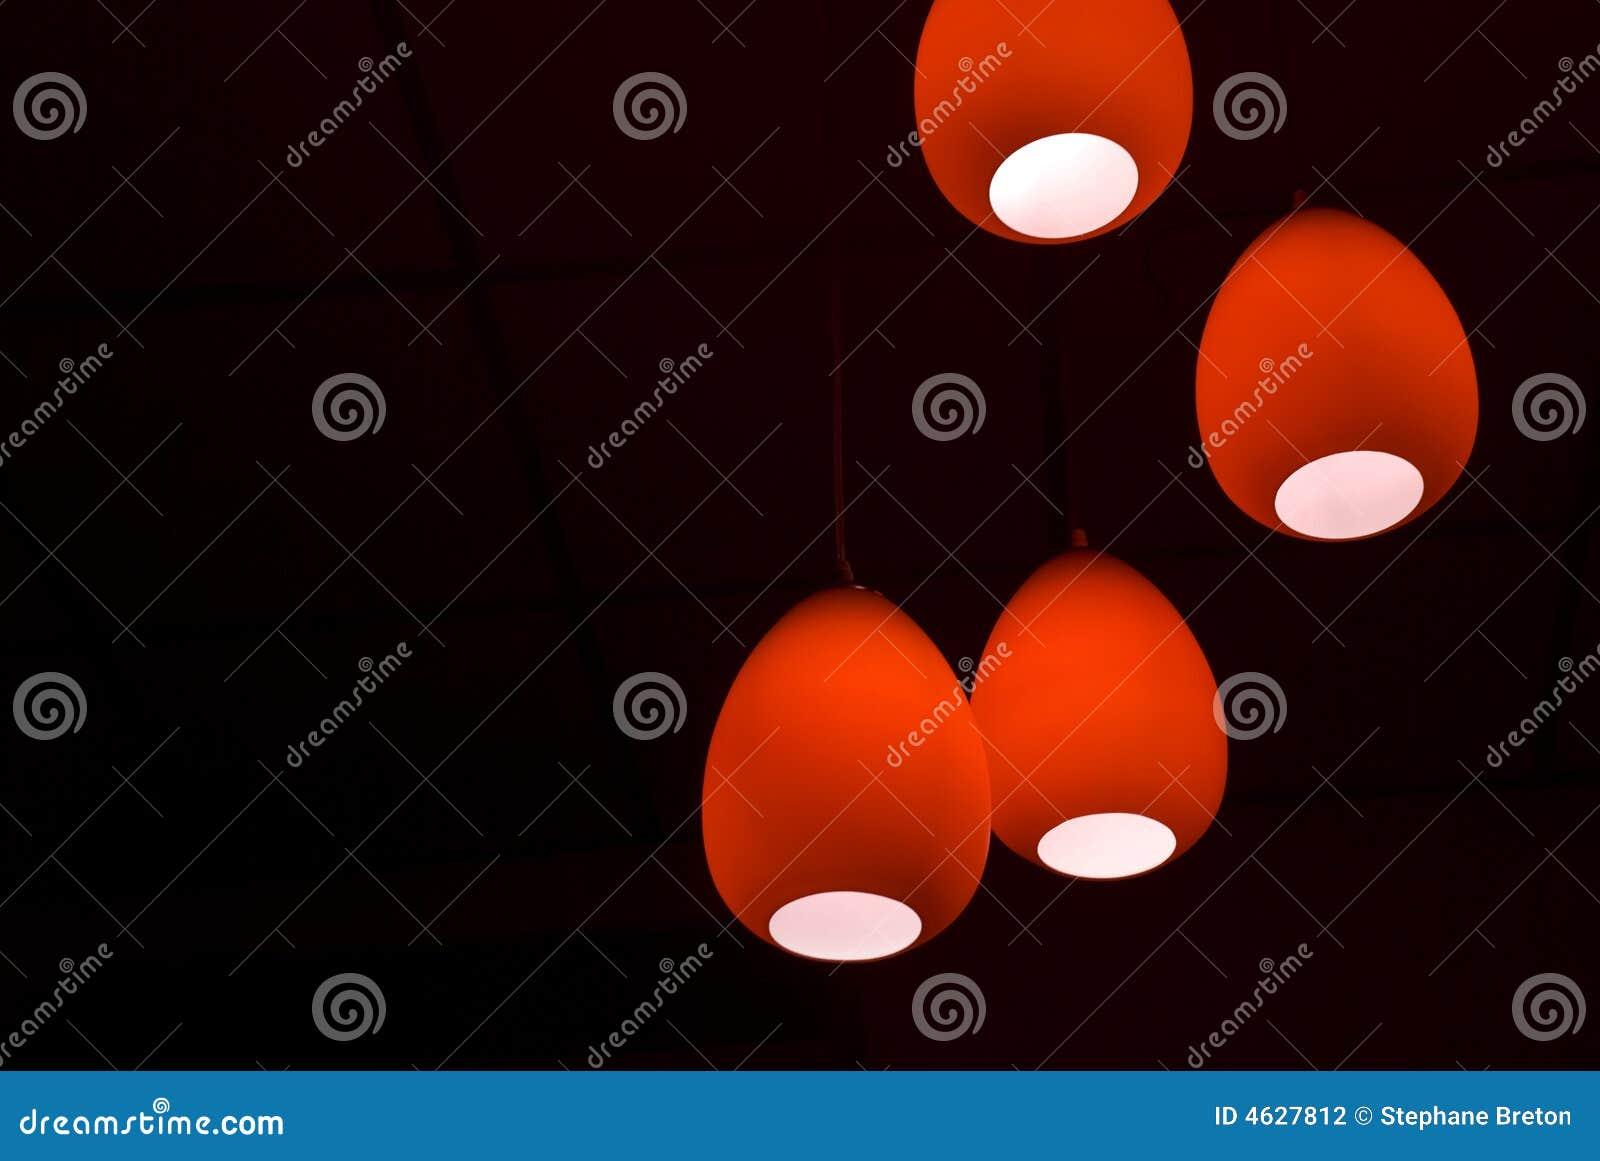 Lâmpadas vermelhas